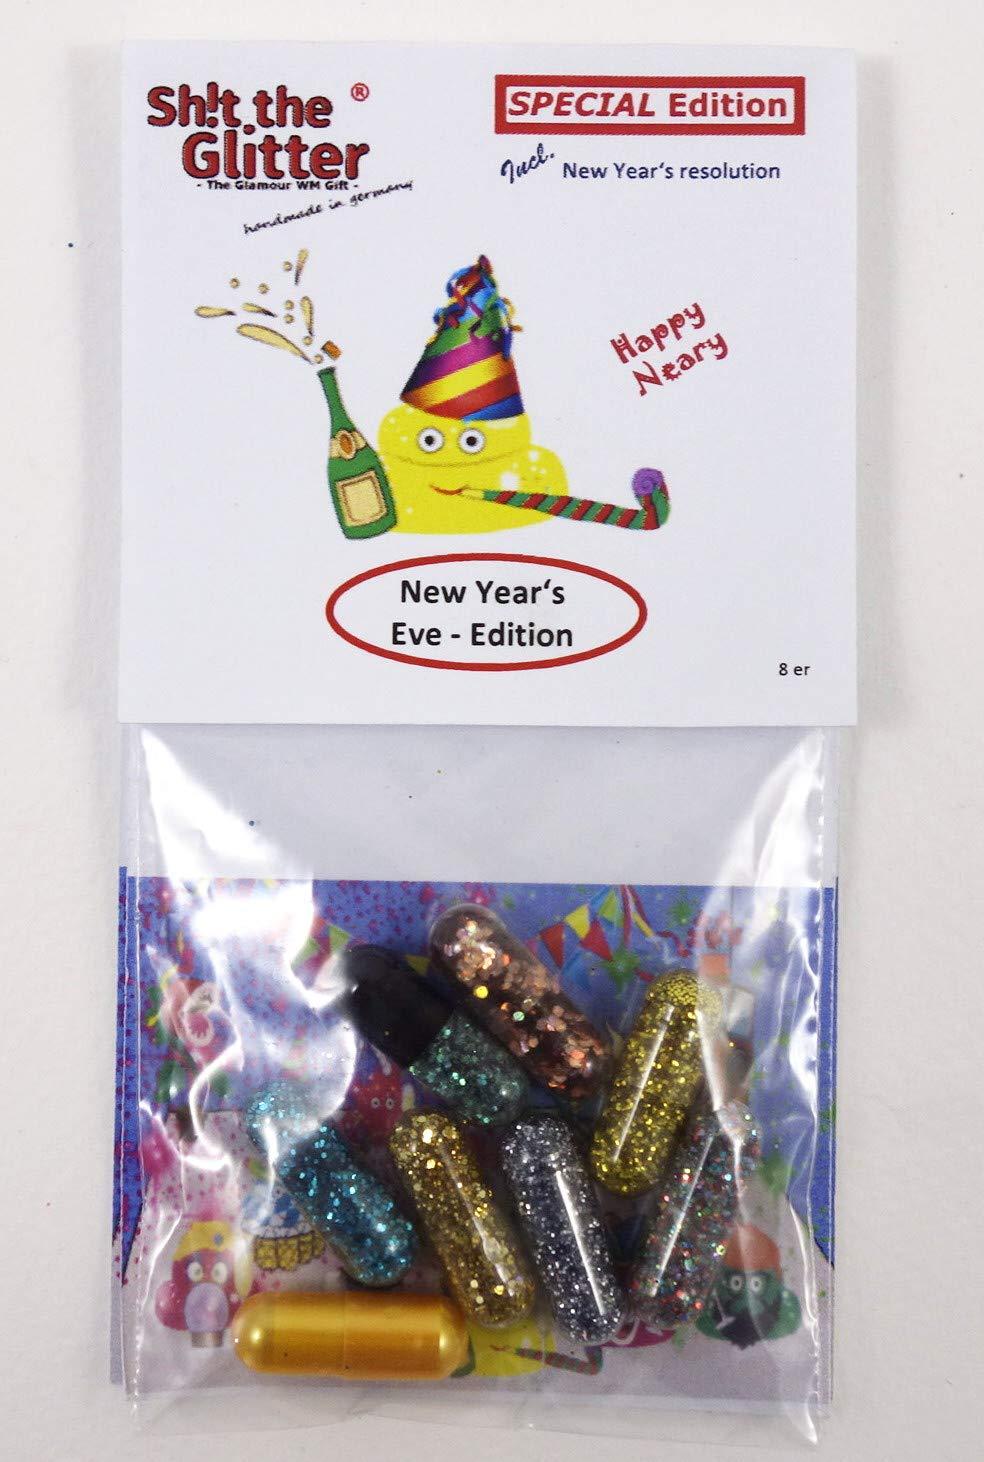 Cacare il Glitter - Capodanno Edizione // nuovo rituale - invece Bleigieß en // bel regalo per gli ospiti di Capodanno // glitter colpo e augurare // divertente sorpresa, divertimento fresco e di conoscere // Happy New Year - regalo Shit the Glitter